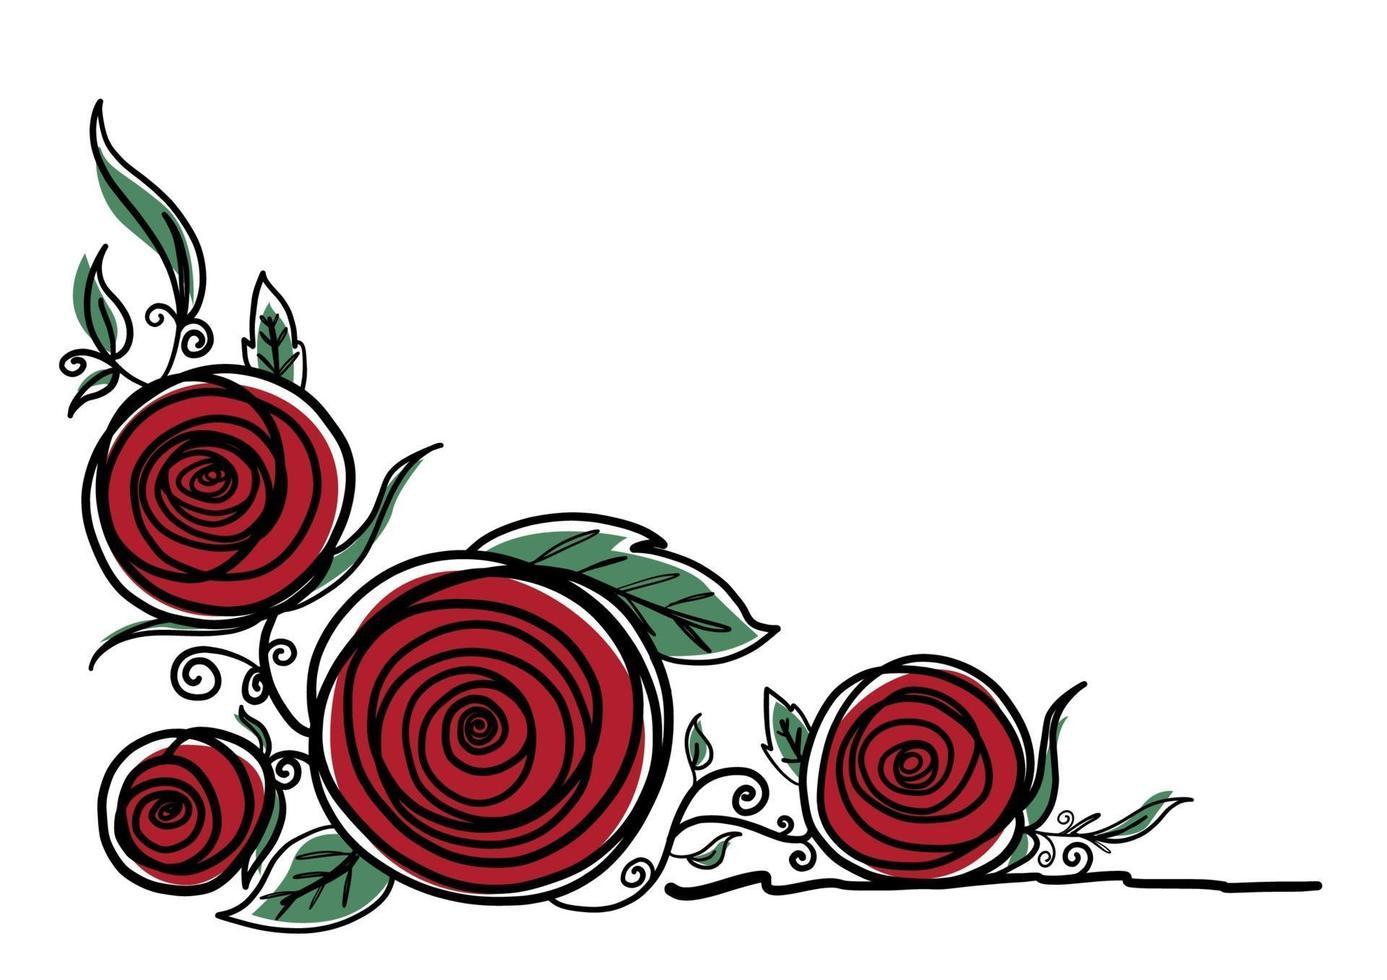 ilustração vetorial de flores rosas em fundo branco vetor